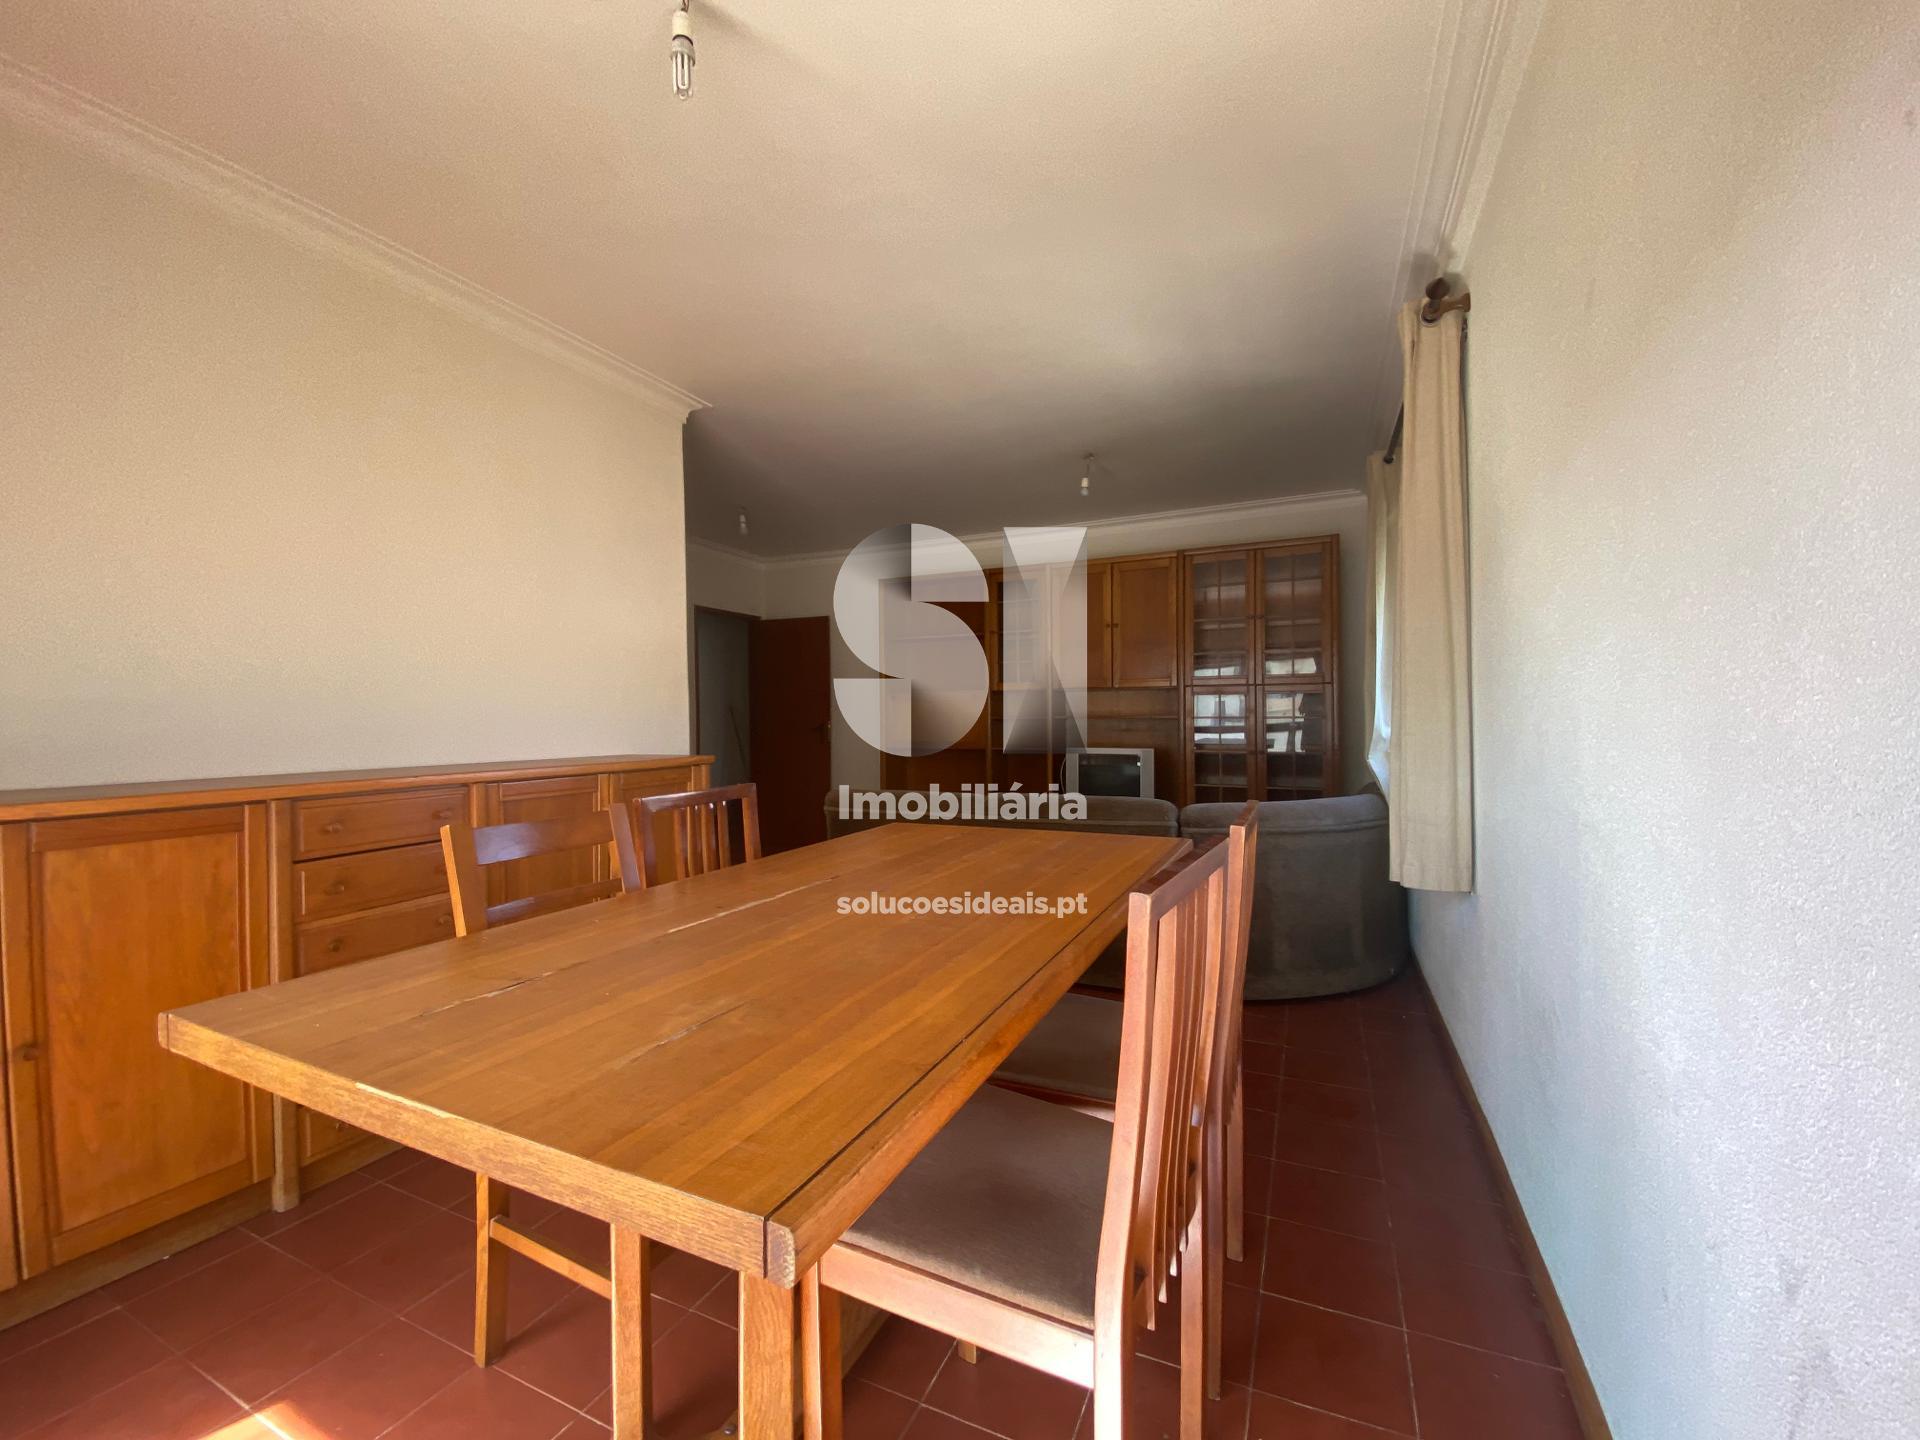 apartamento t3 para arrendamento em coimbra santo antonio dos olivais quinta da boavista SEDVM9632